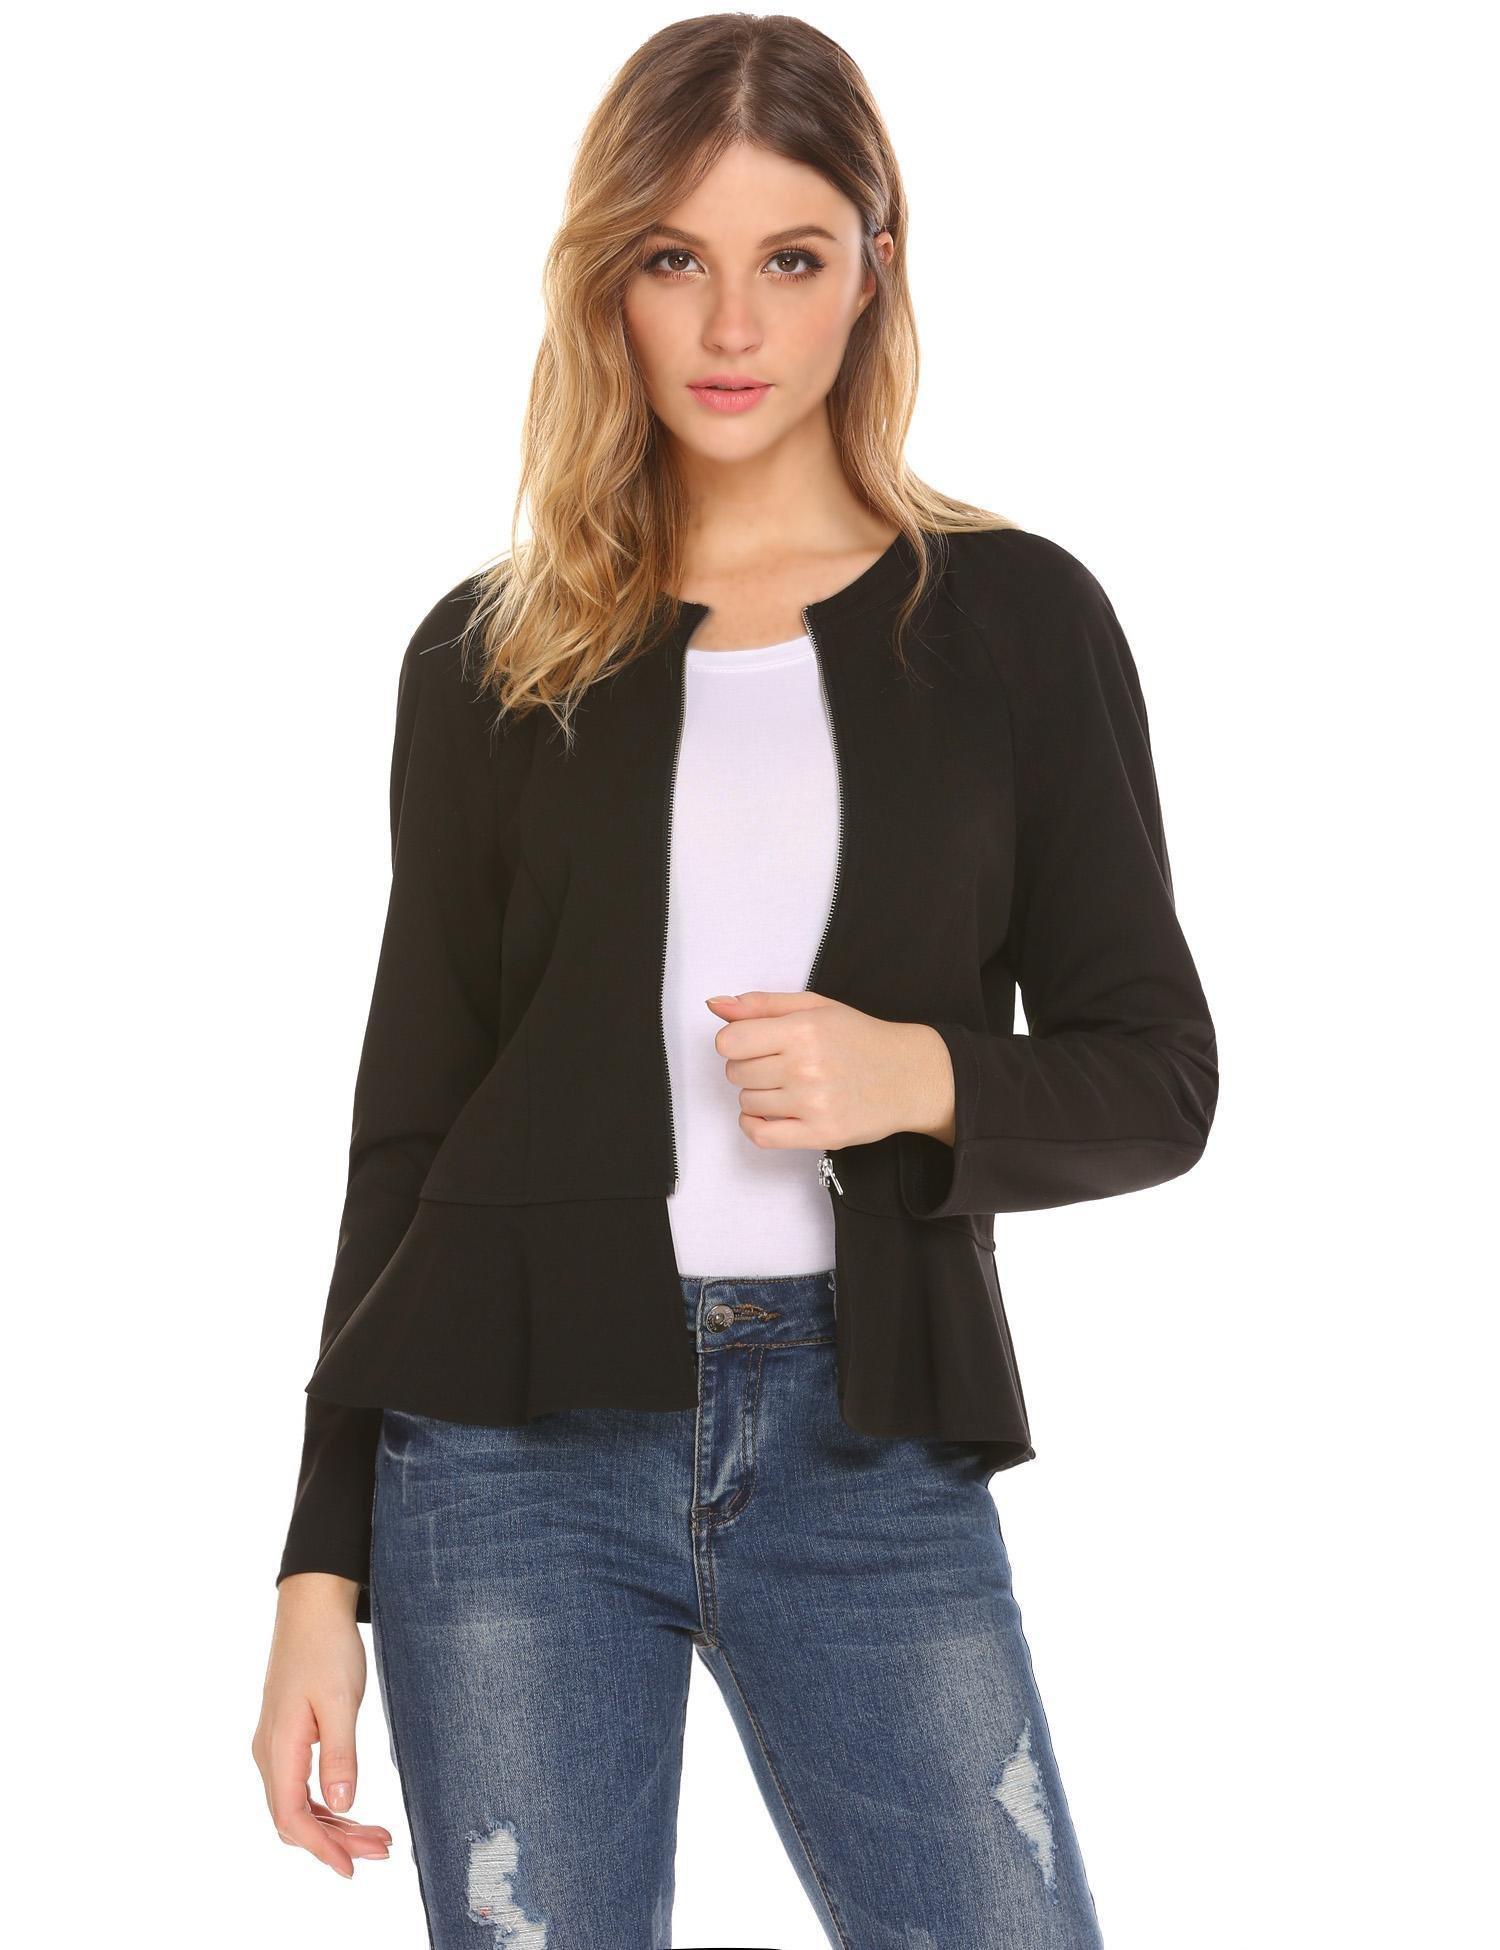 Gfones Womens Long Sleeves Zipper Peplum Blazer Jacket Top